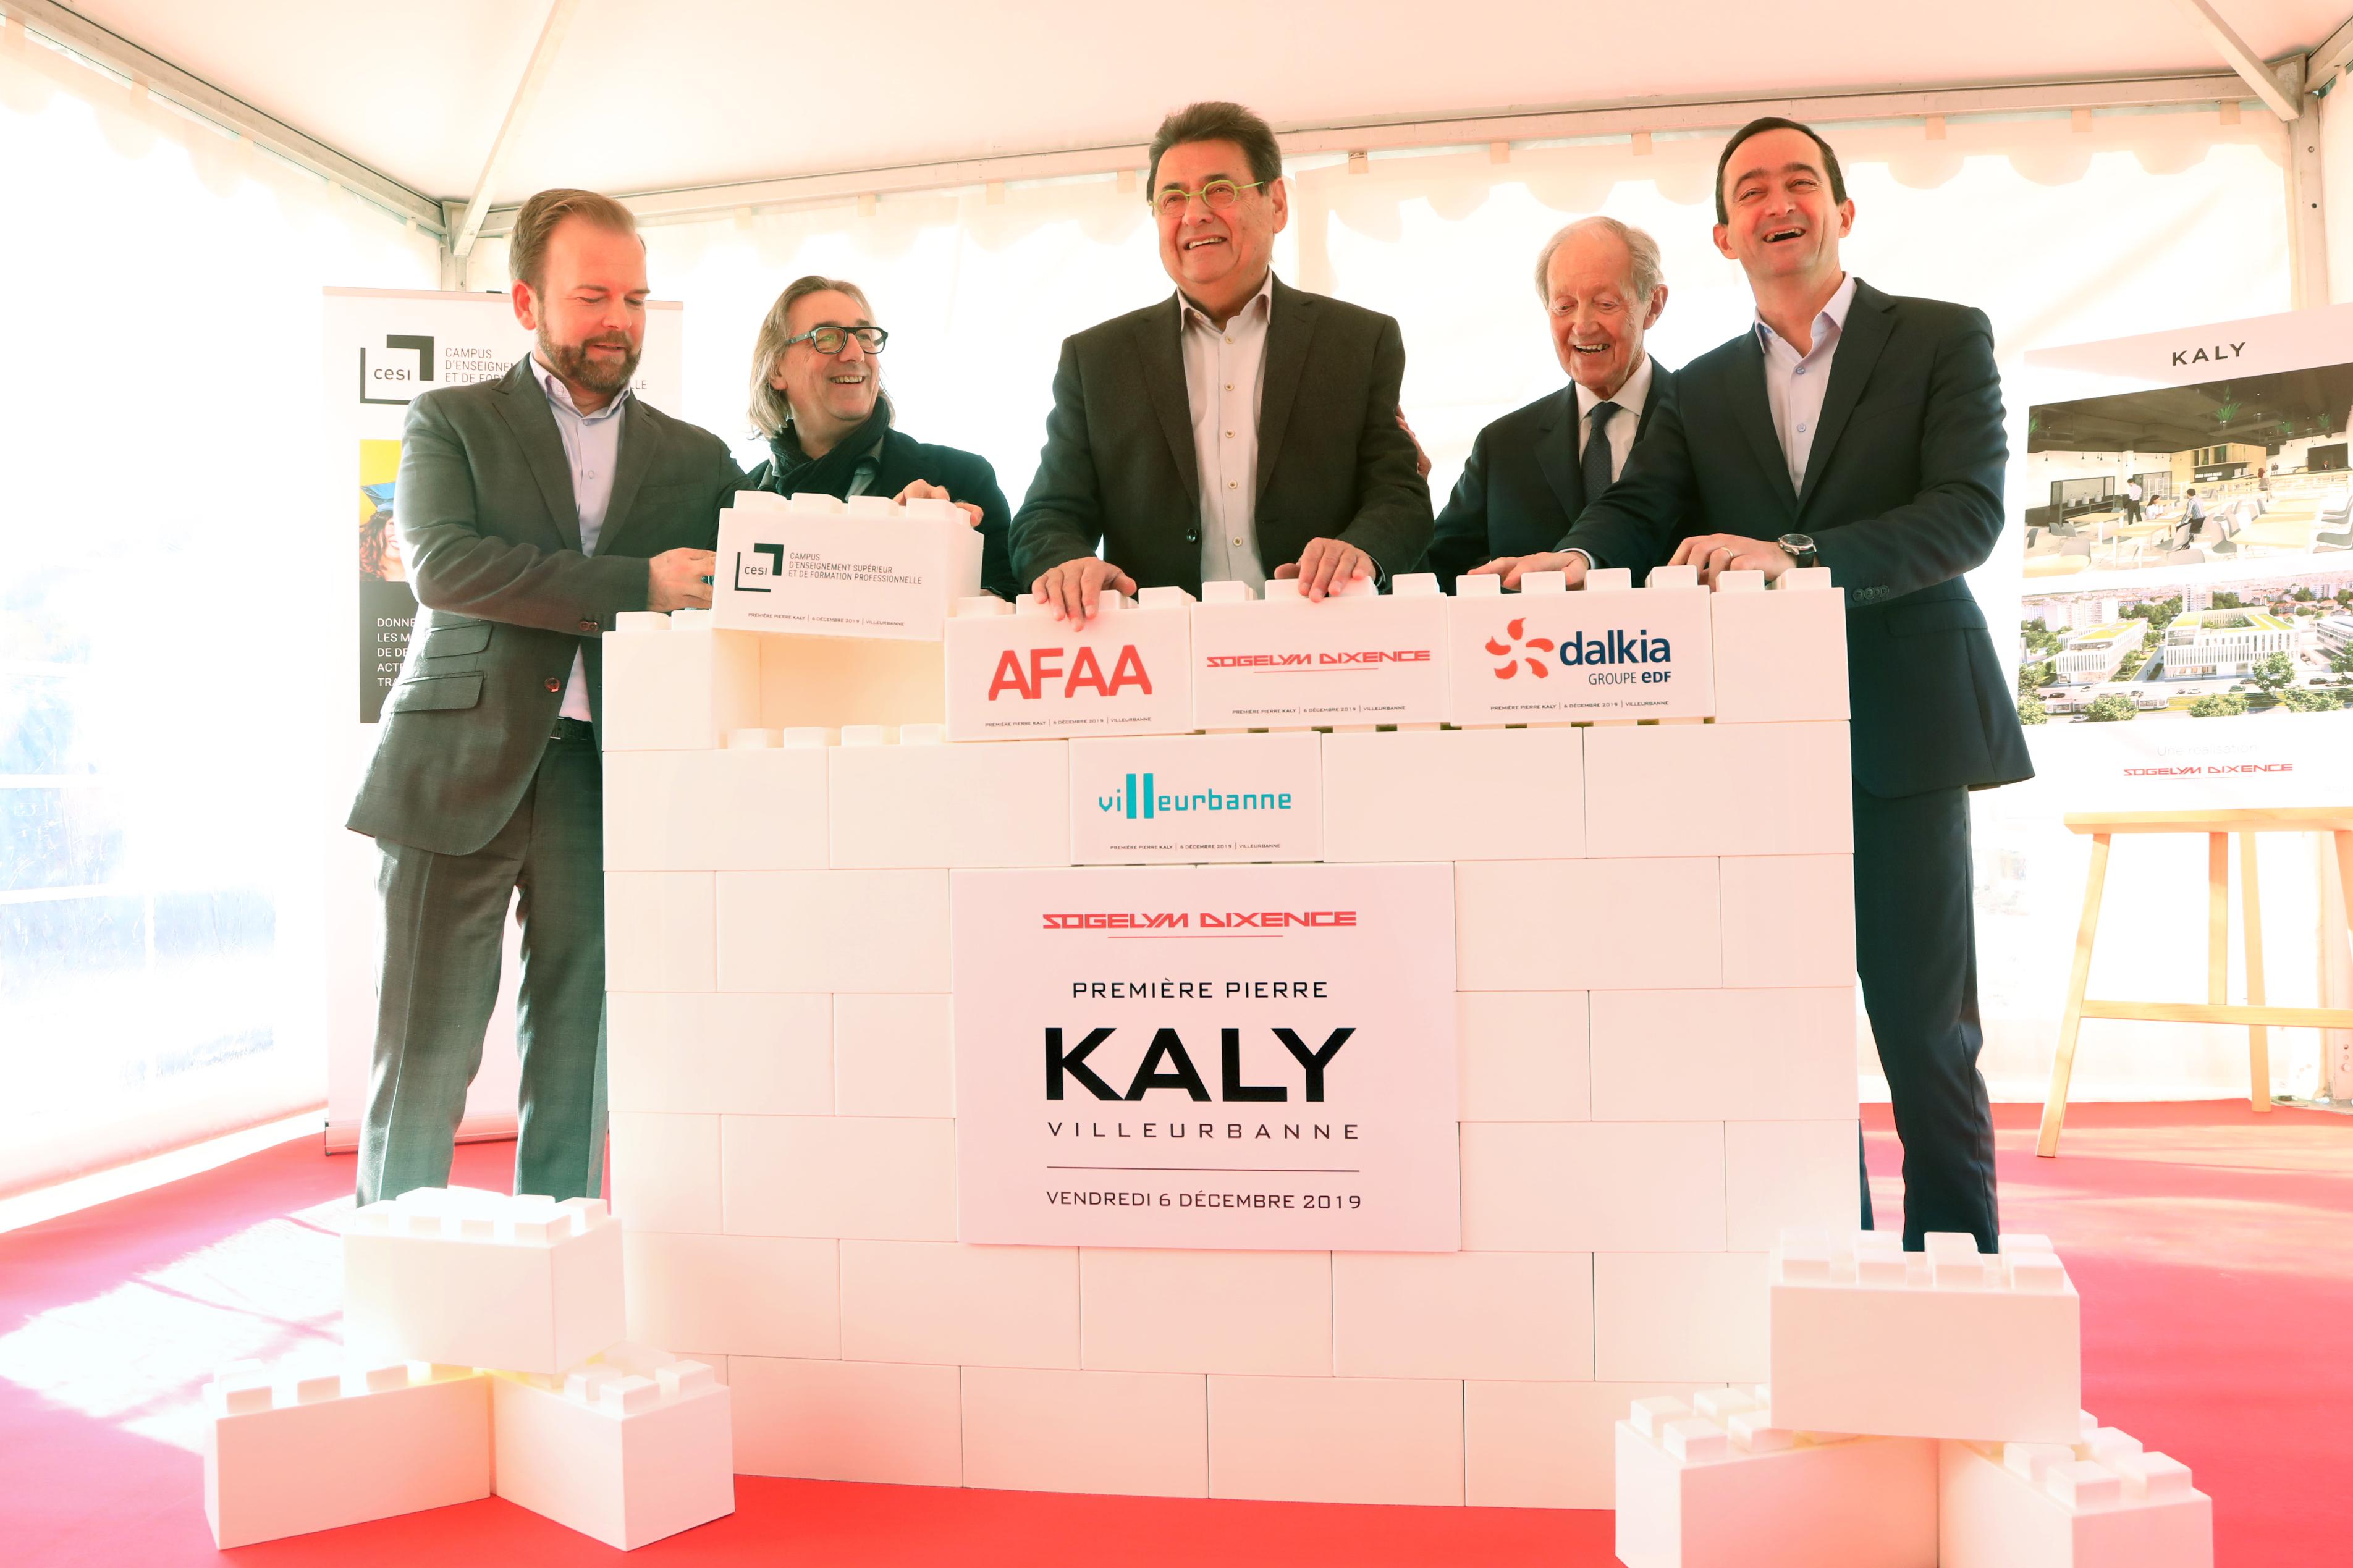 La pose de la première pierre du Kaly, à Villeurbanne, en présence du maire Jean-Paul Bret et des réprésentants de Sogelym Dixence, Dalkia, du cabinet d'architectes AFAA et du campus CESI.